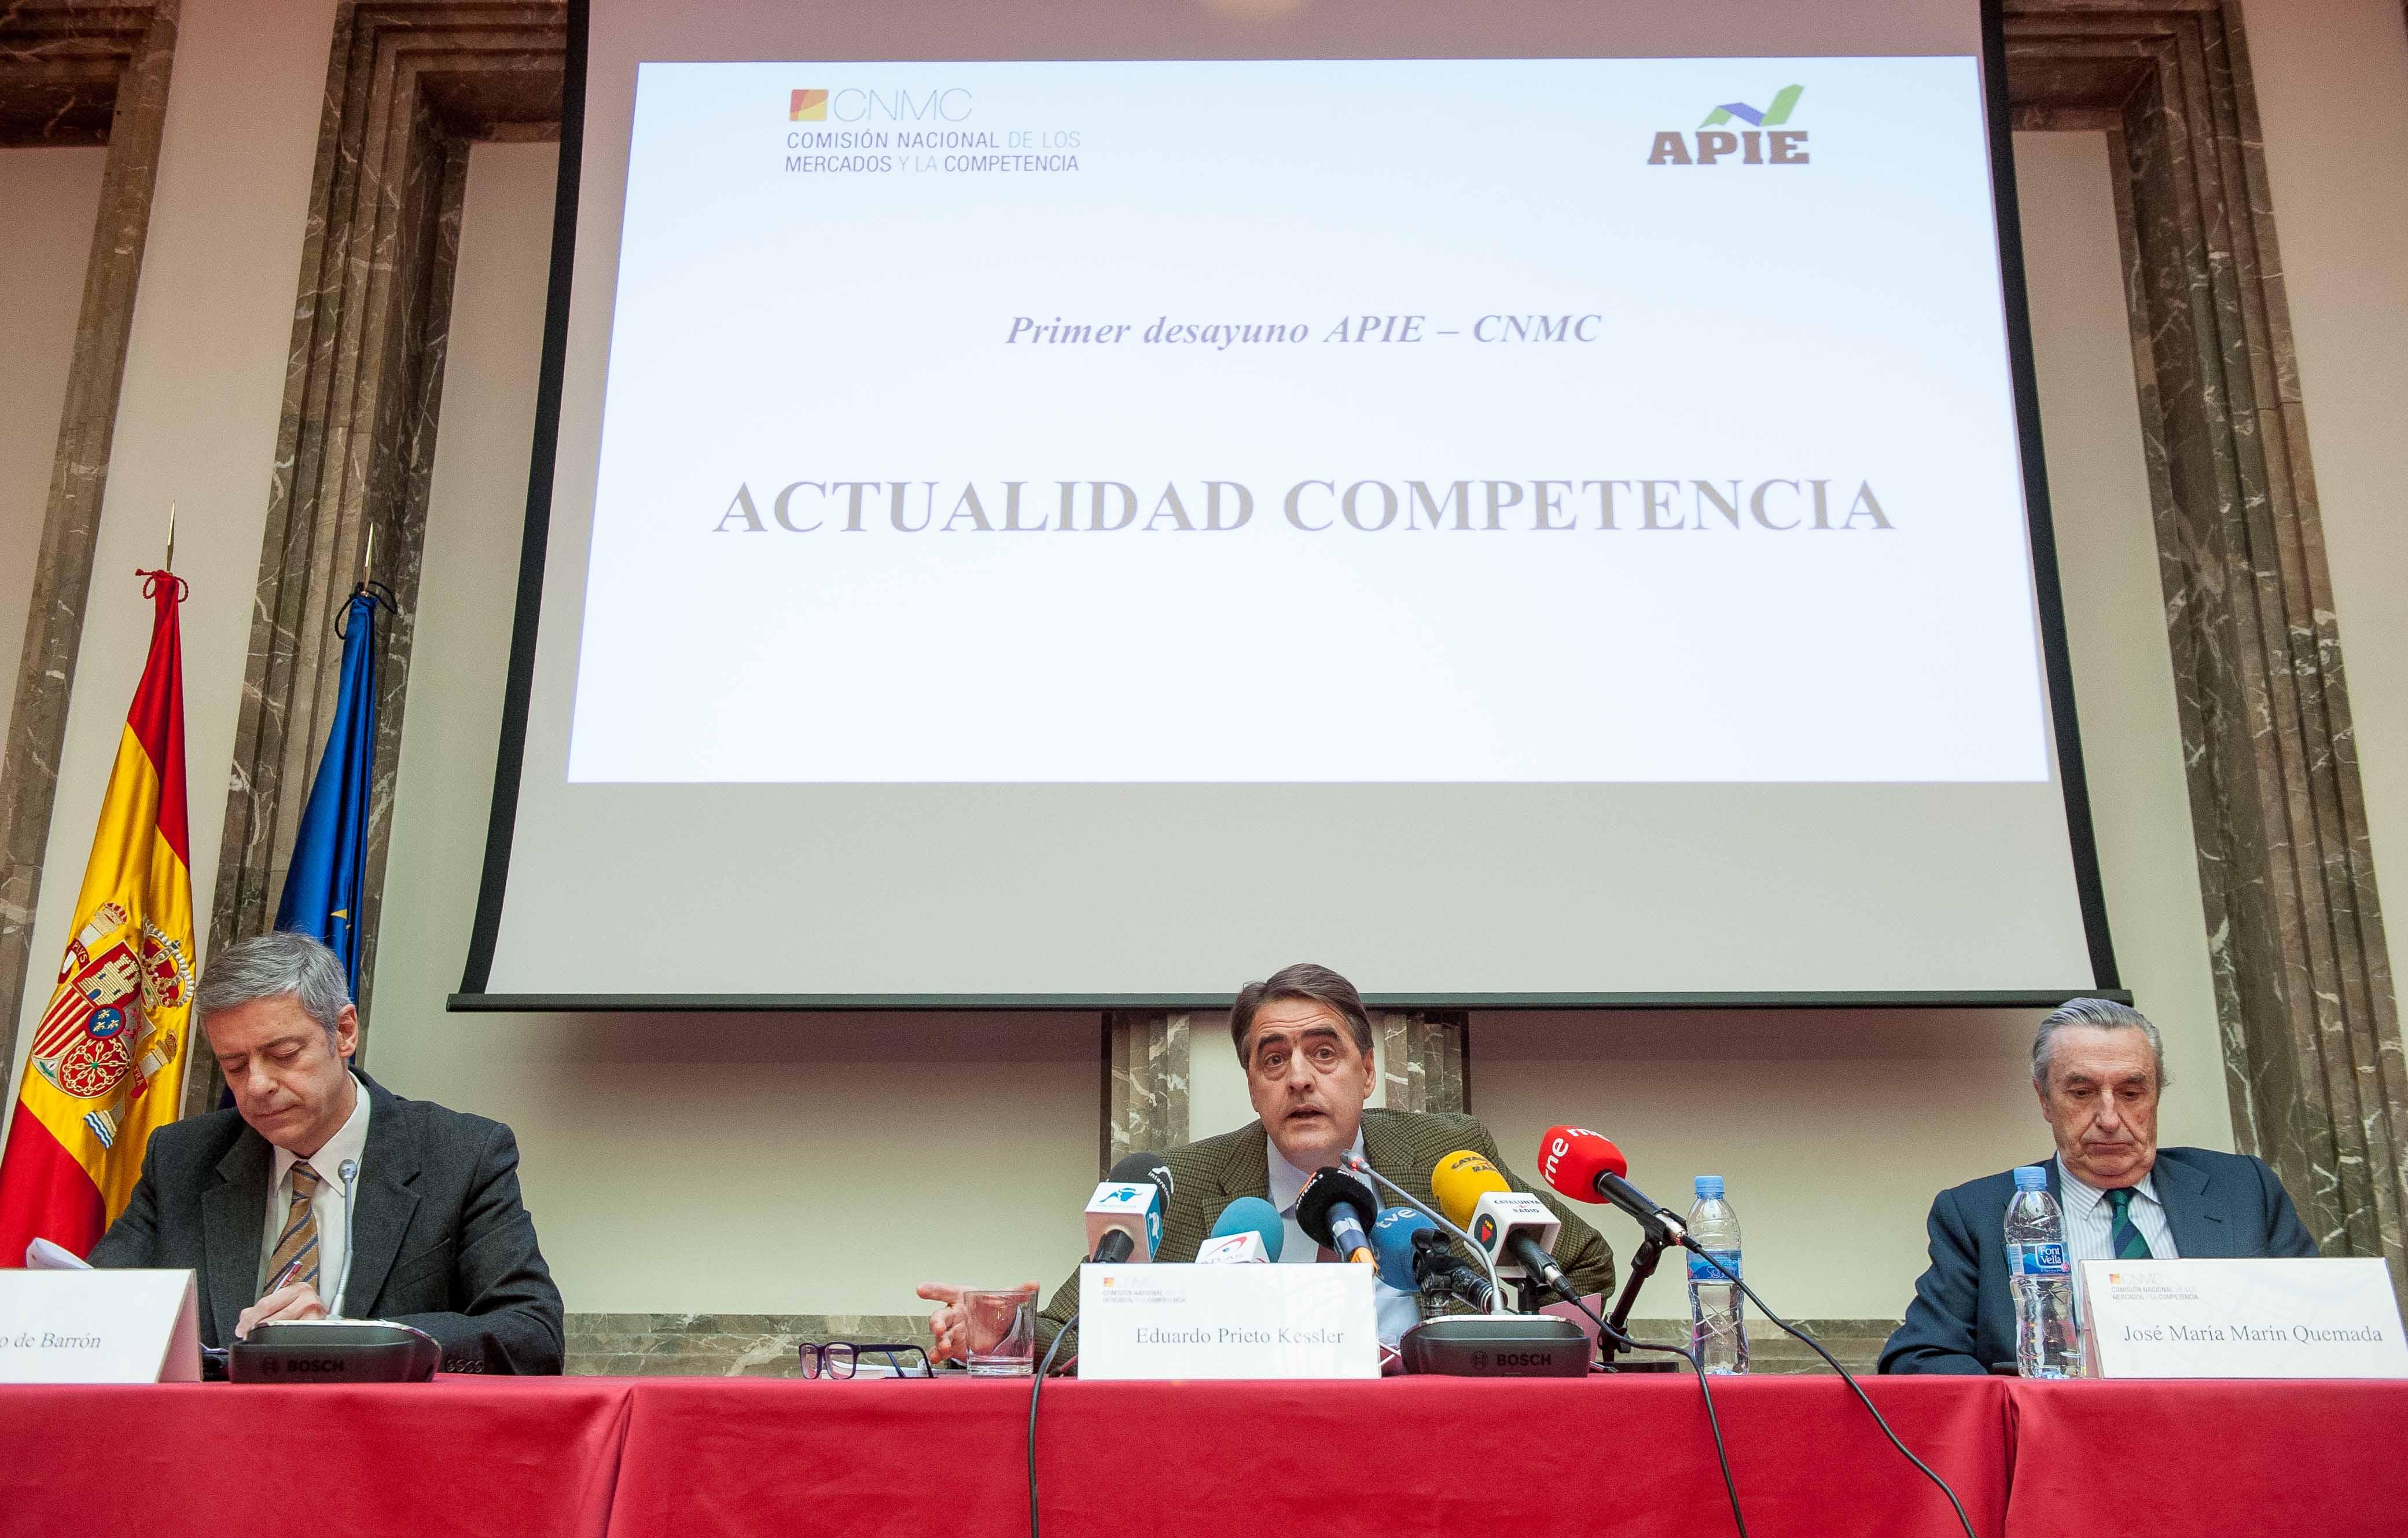 De izquierda a derecha, Iñigo de Barrón Arniches, presidente de APIE, Eduardo Prieto Kessler, director del área de Competencia, de la CNMC y Jose María Marín Quemada, Presidente, durante la presentación del Balance 2015 de la Comisión.